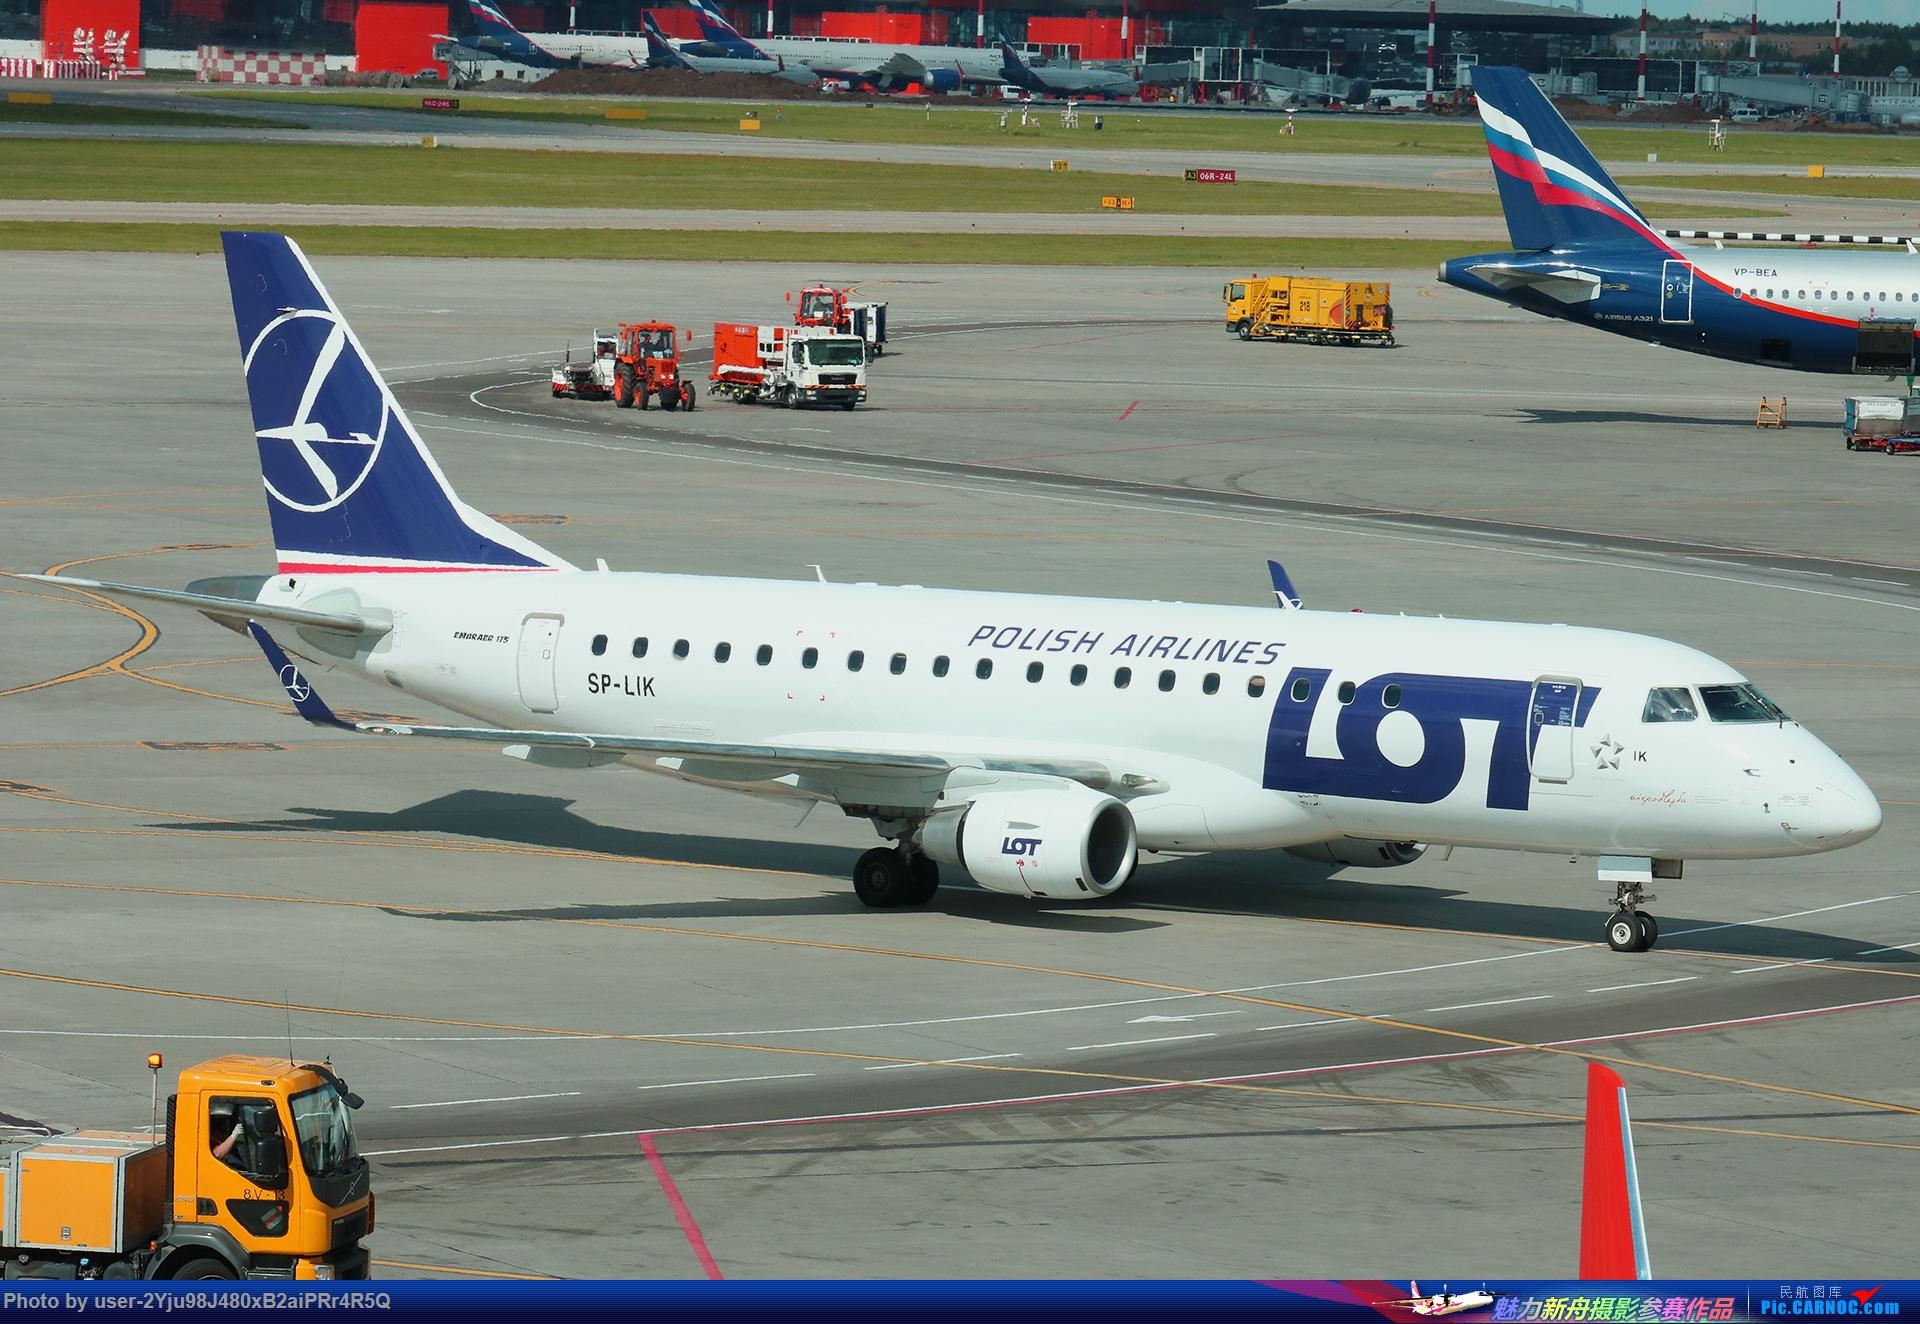 Re:[原创]LIULIU|Sheremetyevo的漫游|其他篇 EMBRAER ERJ-175LR SP-LIK 俄罗斯谢诺梅杰沃机场